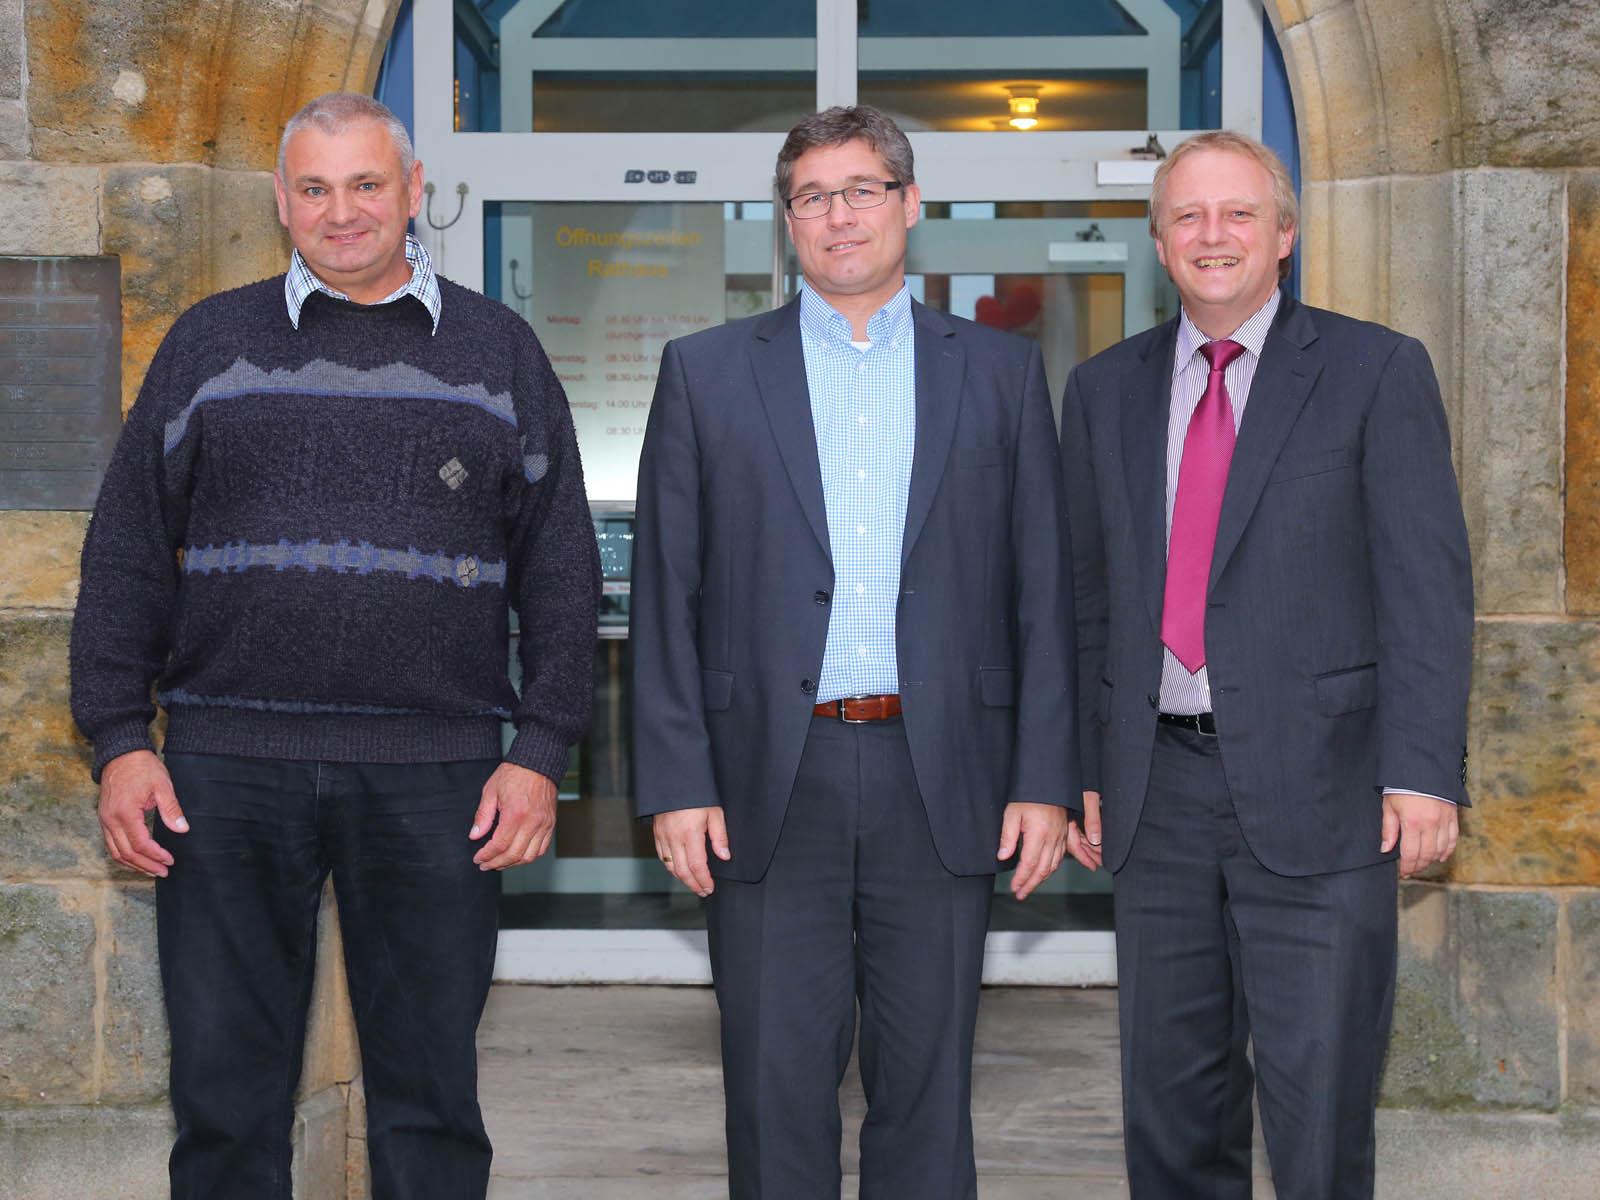 Bürgermeister Lahl und seine Stellvertreter Wolfgang Brennenstuhl (links) und Klaus Finger (Mitte)